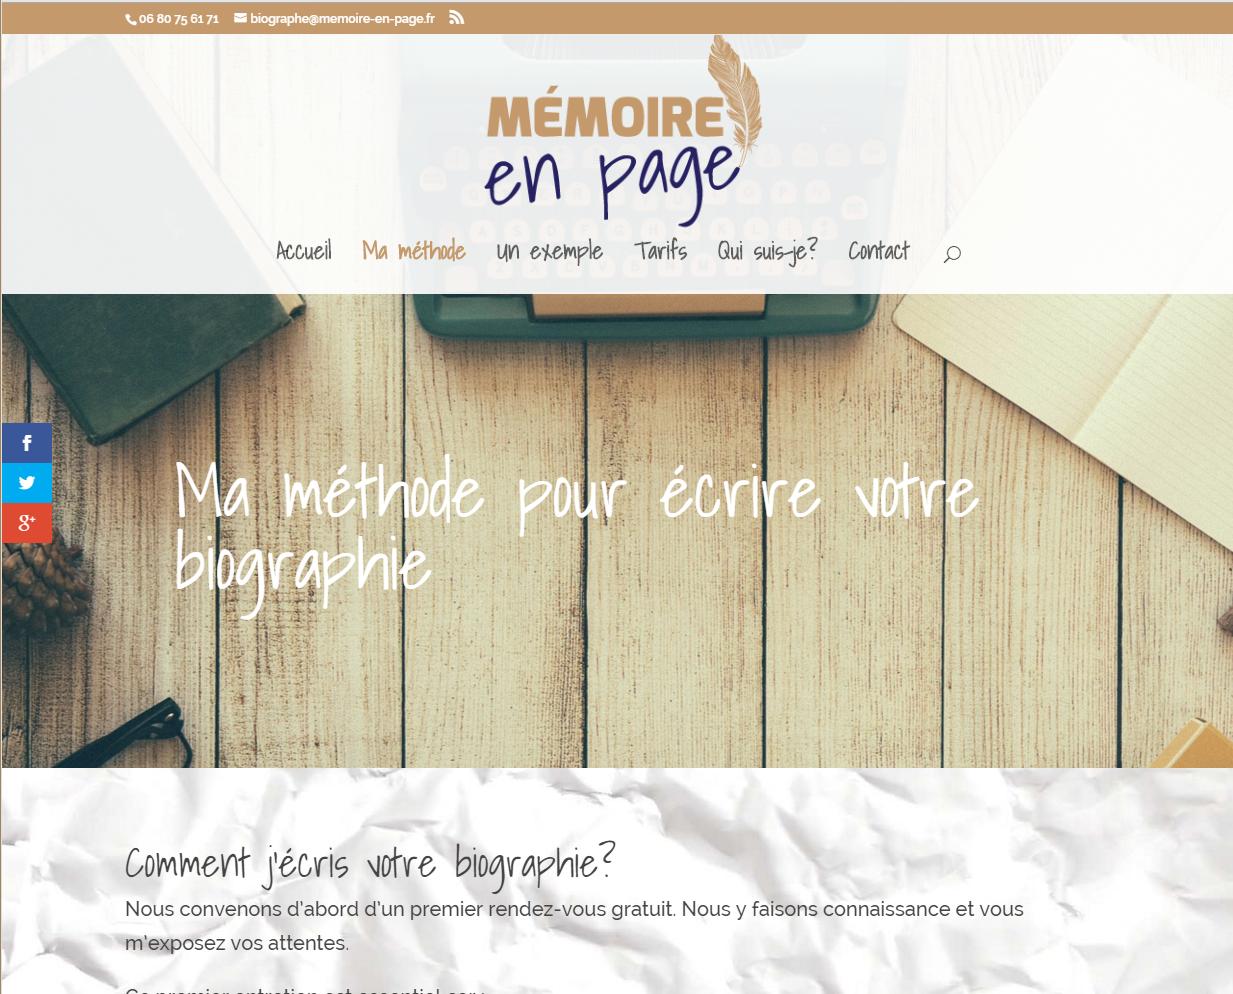 Création de l'identité visuelle (logo, couleurs, ...) et du site web vitrine